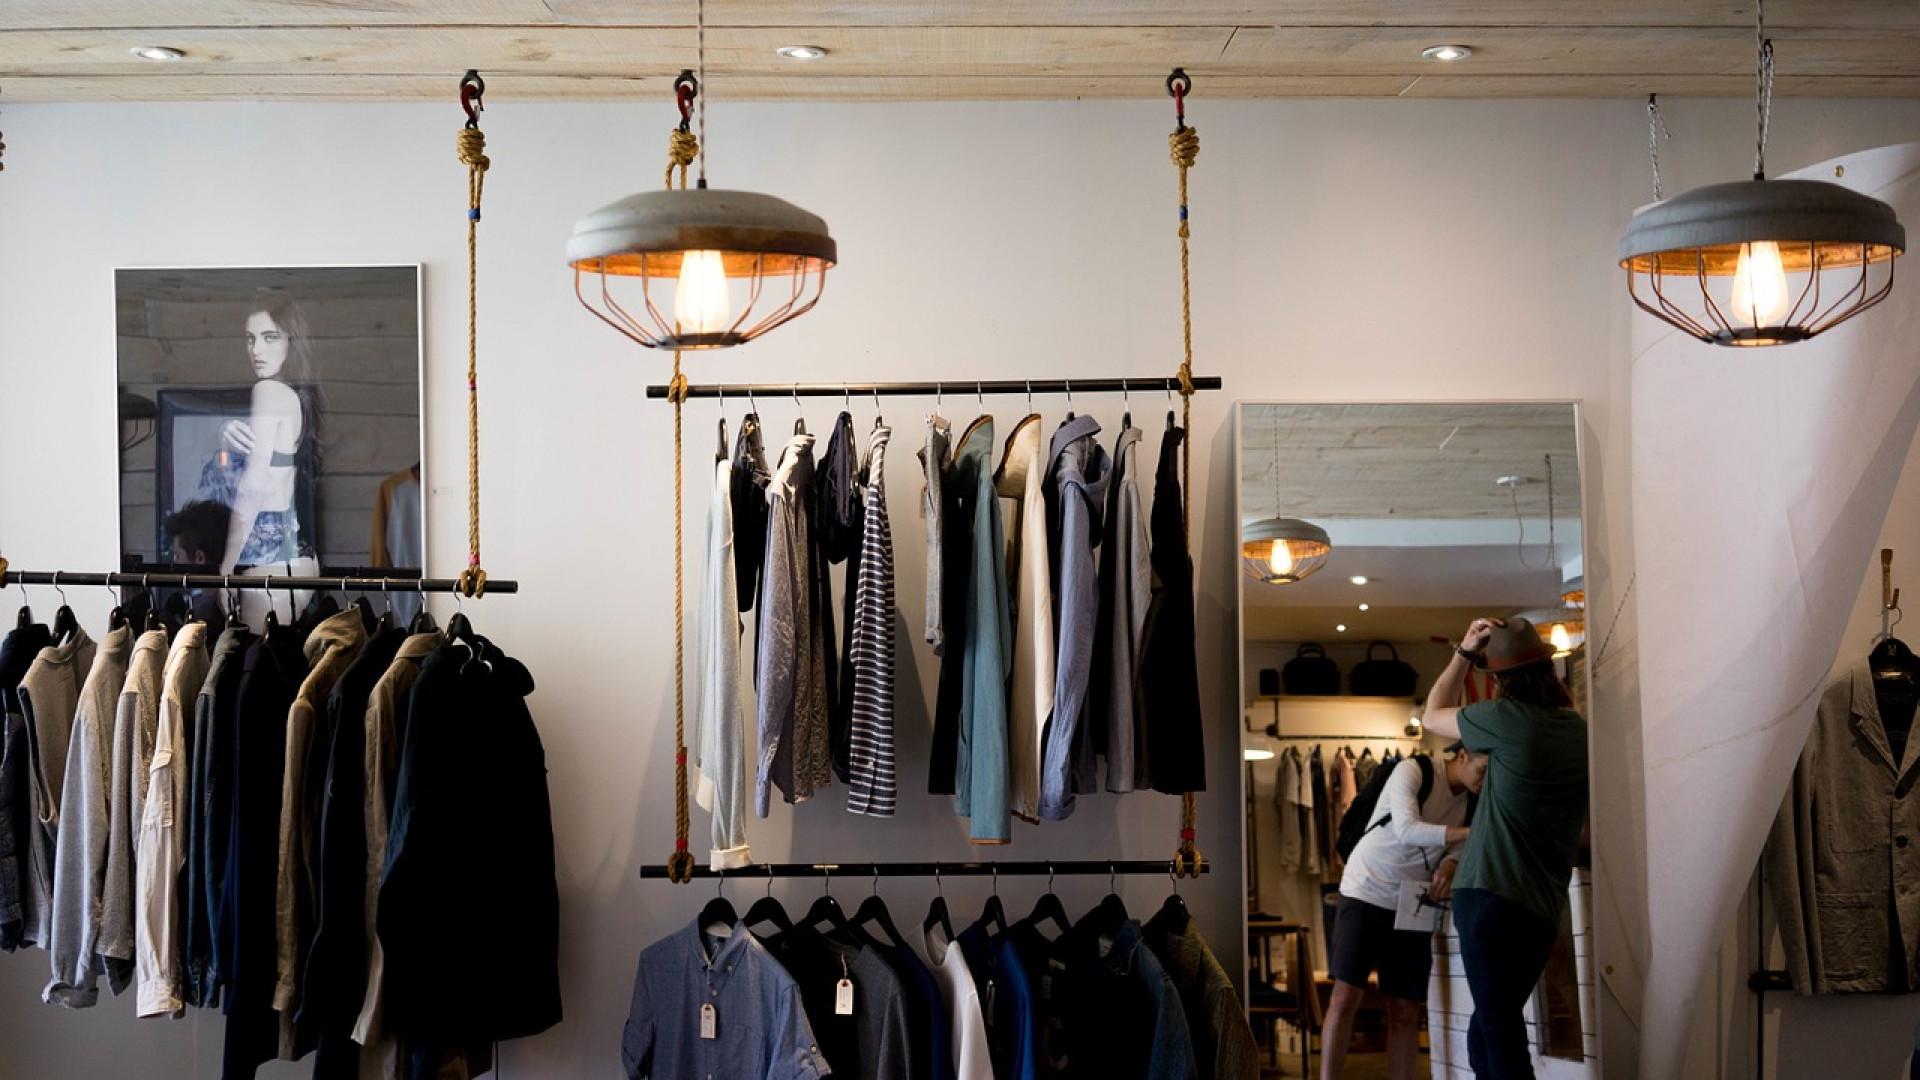 Pourquoi choisir une marque française pour les vêtements ?